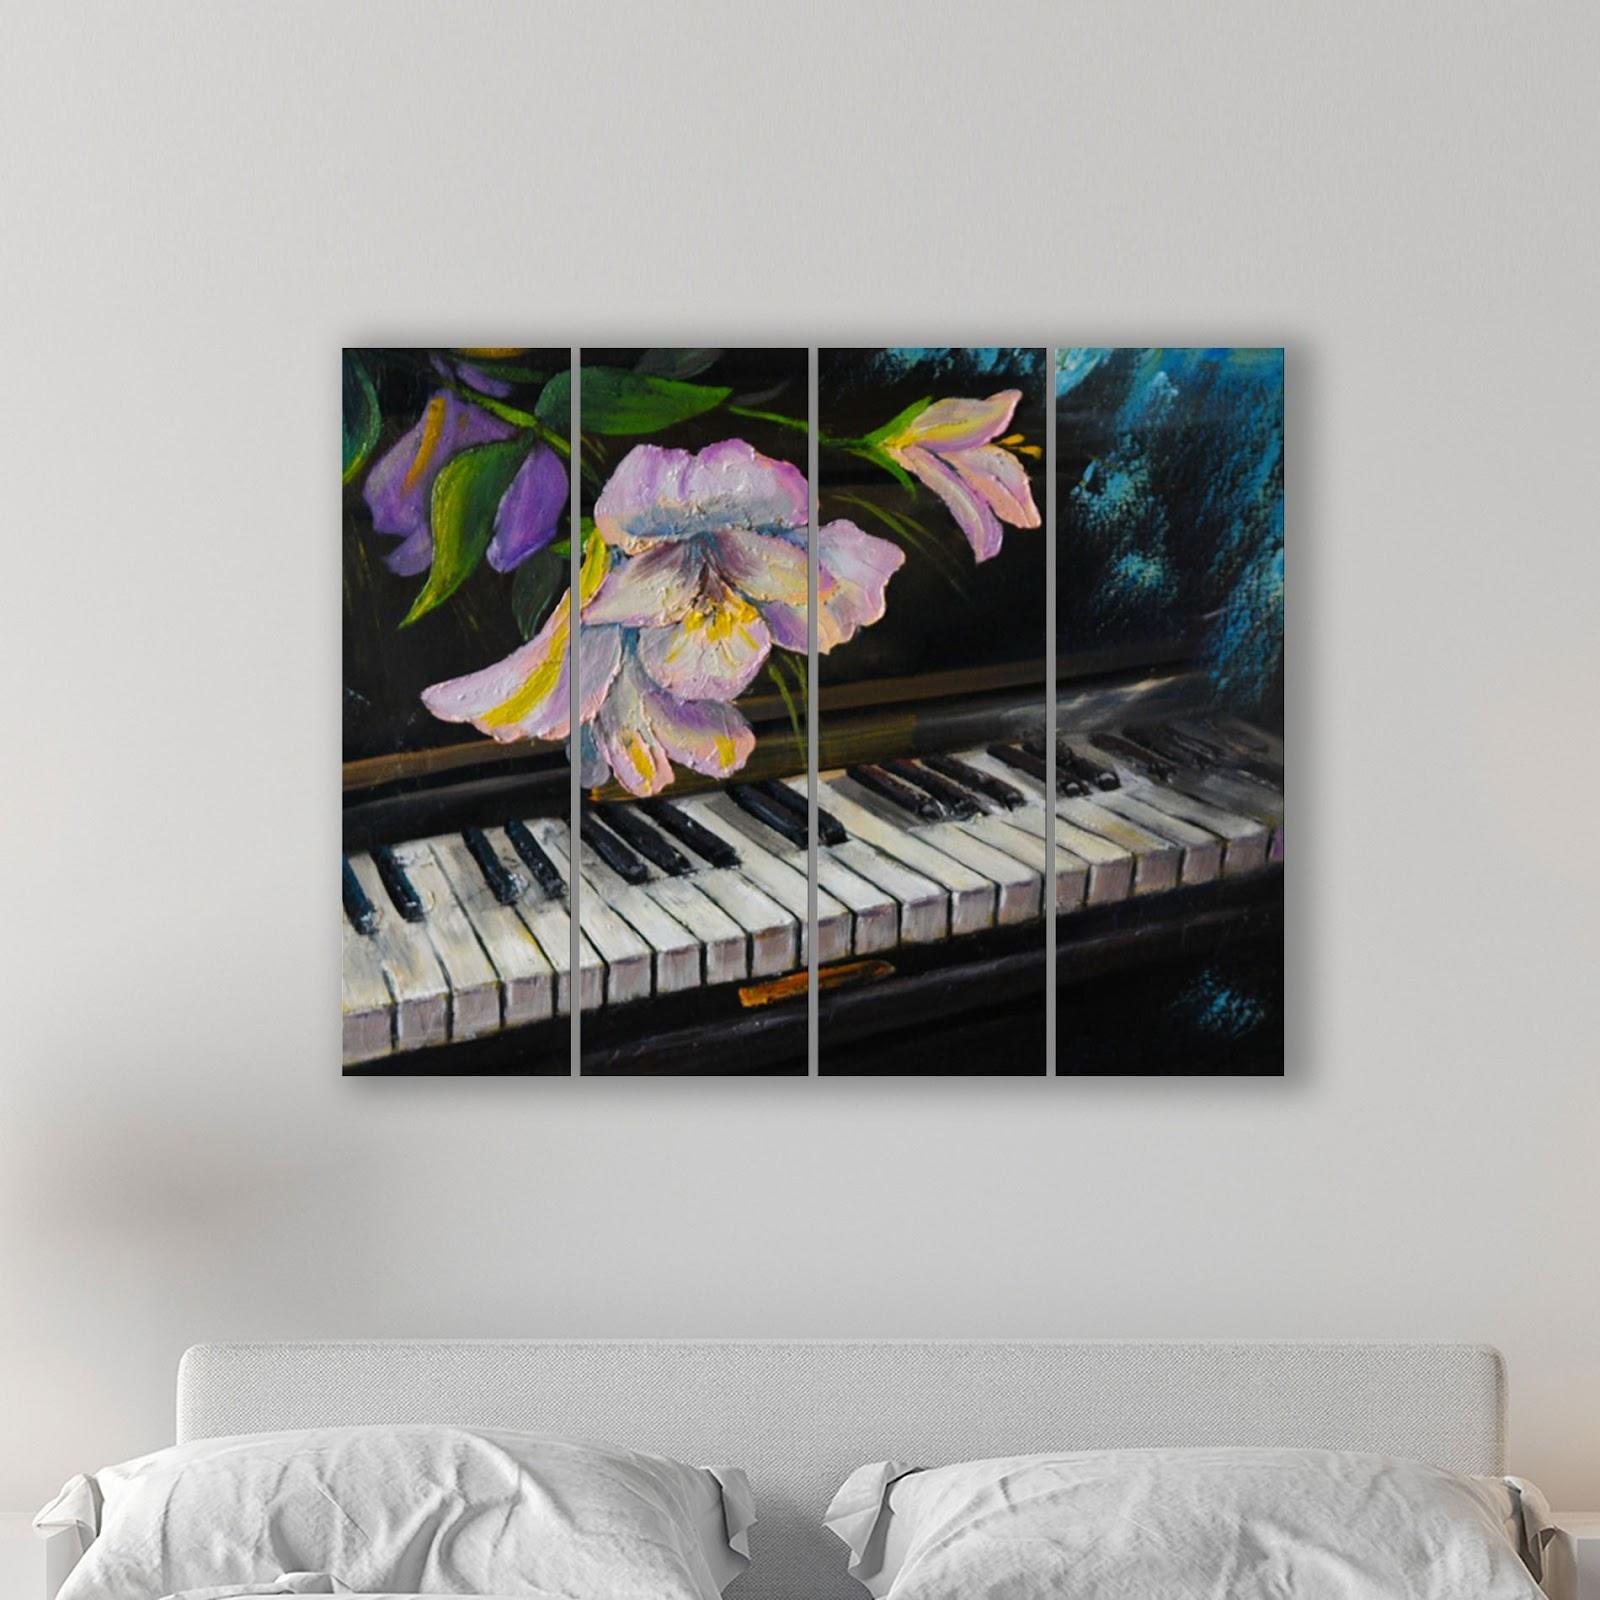 Placa Painel Decorativa em MDF Foto Piano e Flor Kit 4 Placas.jpg